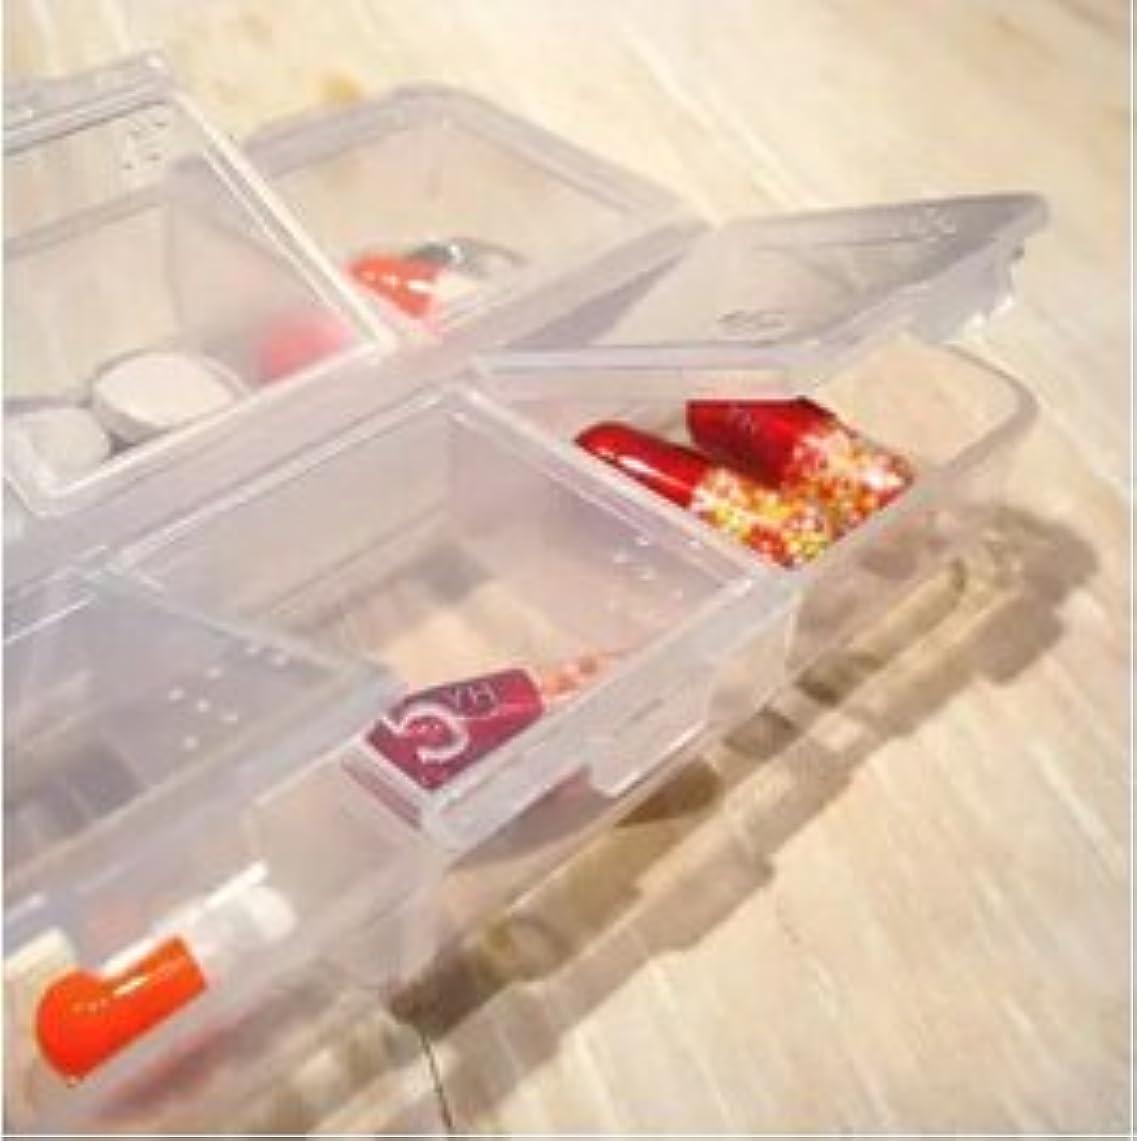 プロトタイプみなさん叙情的なLorny (TM) 【送料無料】6スロット透明なプラスチックピルボックス医学オーガナイザー多機能ピルケースポータブルストレージボックス [並行輸入品]